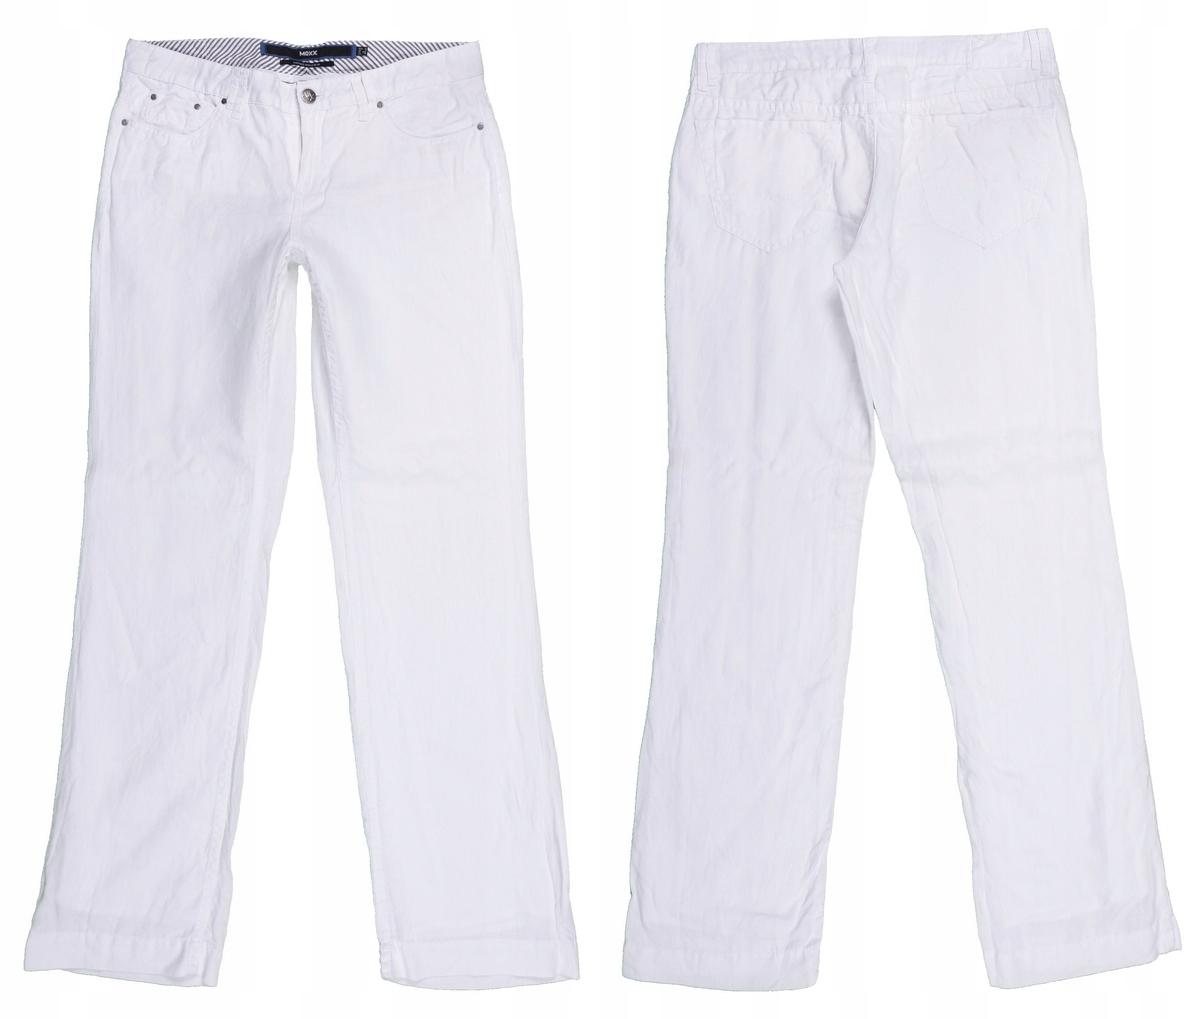 f71c8c0f03 MEXX białe lniane spodnie z podszewką 38 40 MISIZM - 7546496495 ...